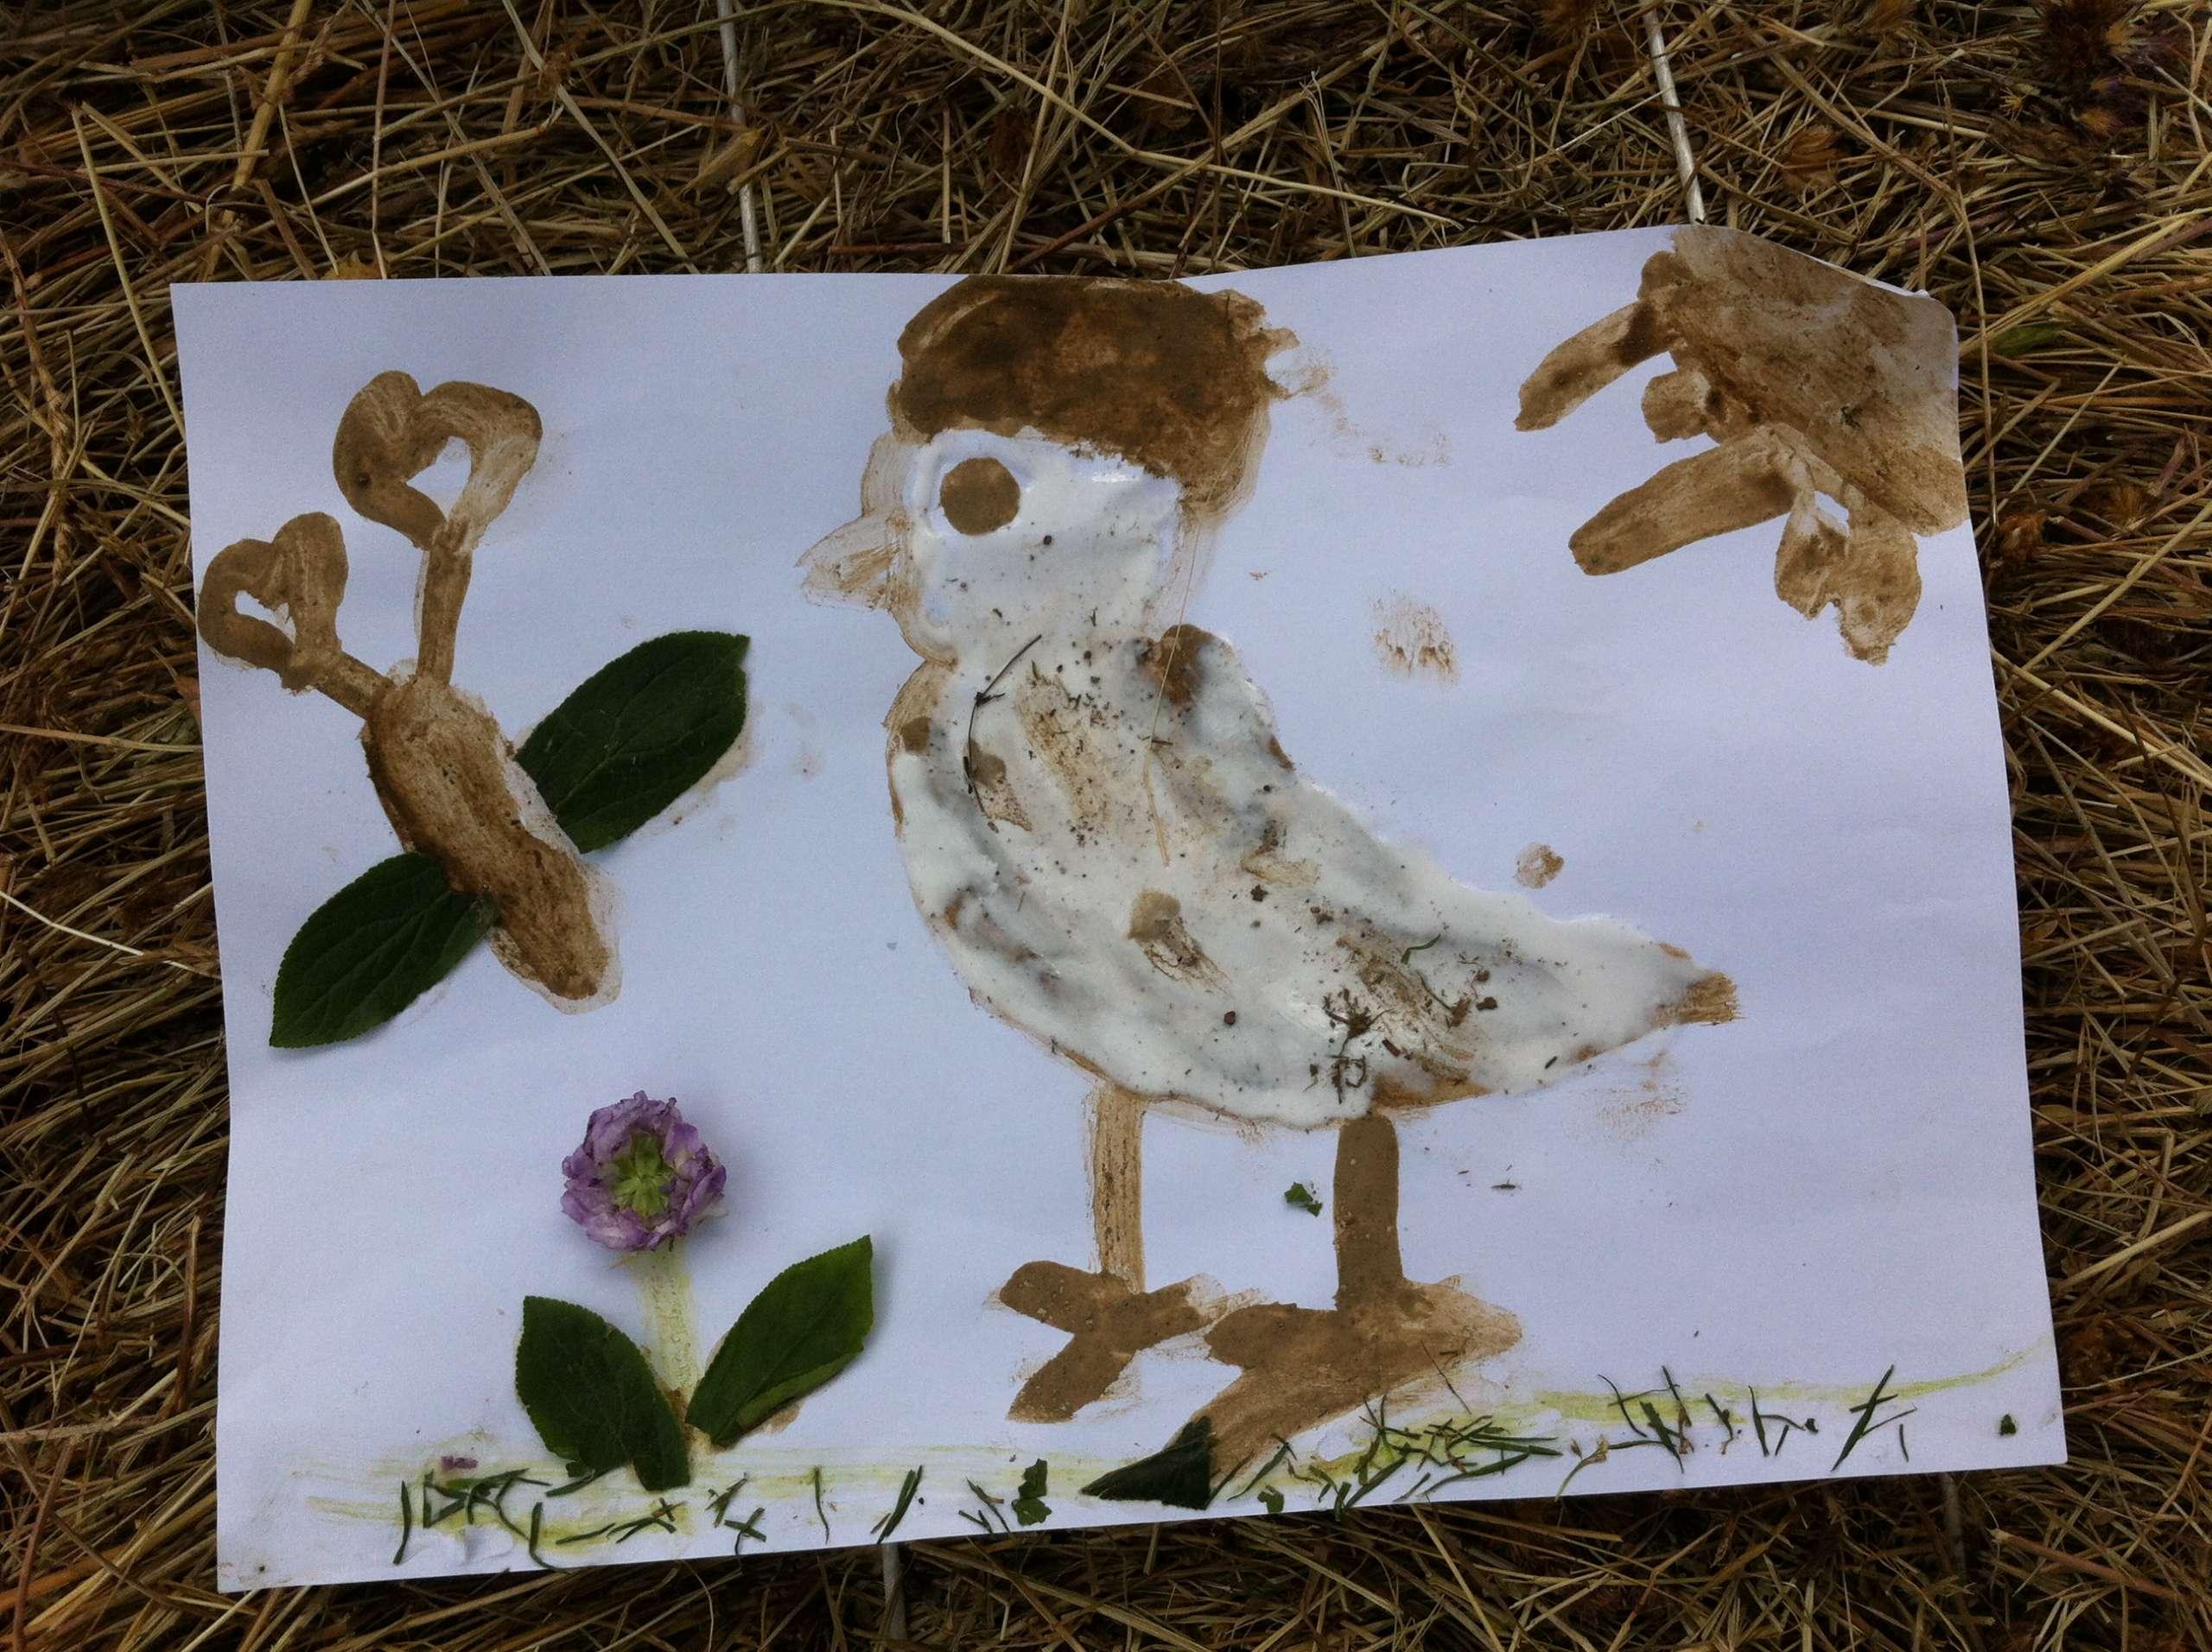 disegno di uccello fatto con terra bagnata foglie erba e fiori